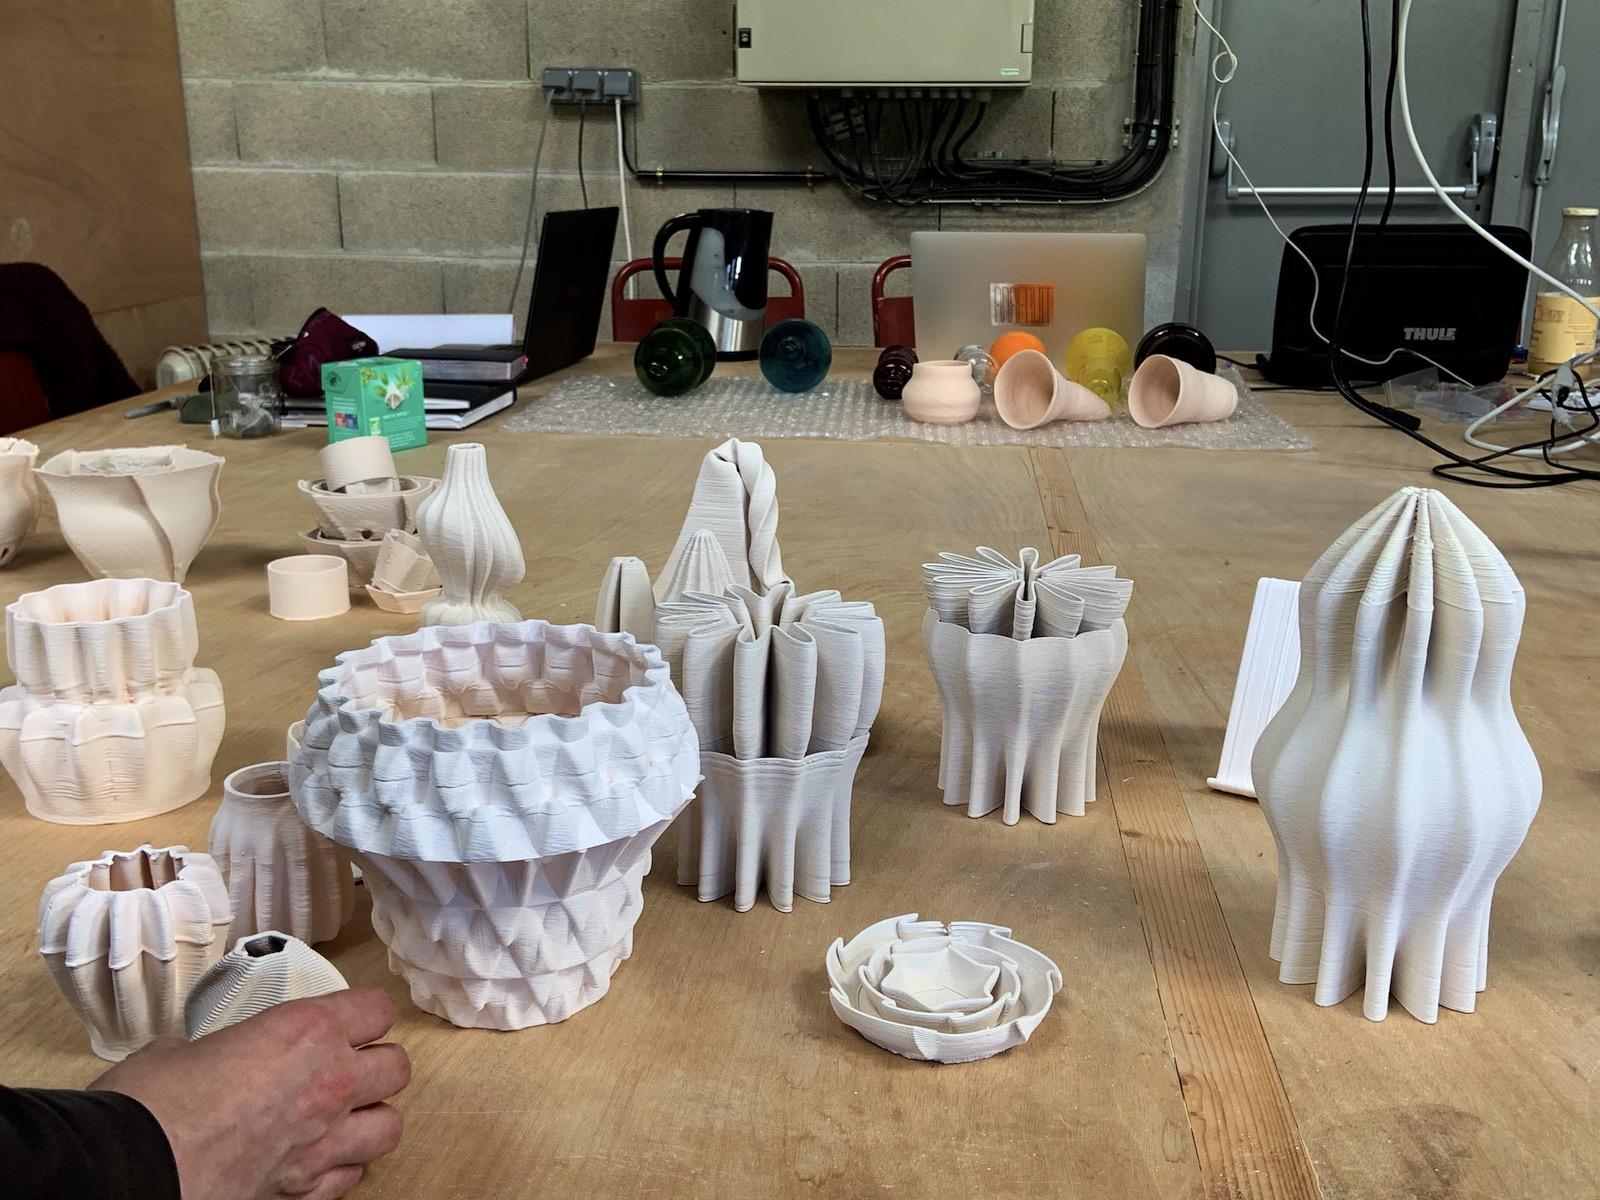 Impression 3D à l'école nationale supérieure d'art de limoges.